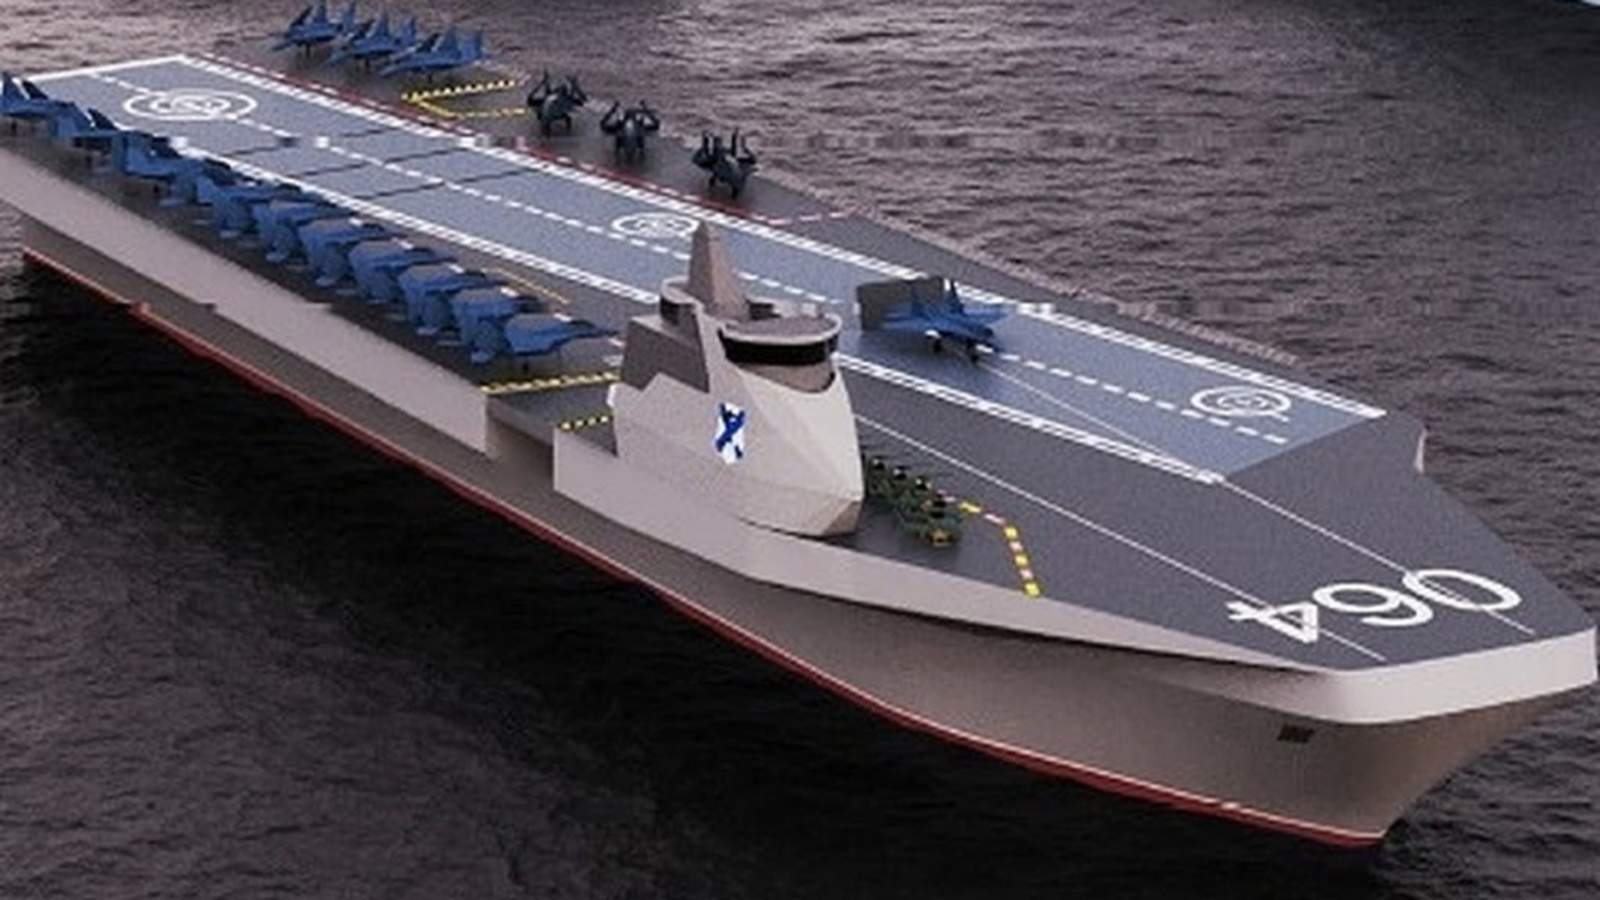 """Uy lực siêu tàu đa nhiệm """"đi trước thời đại"""" của Nga"""